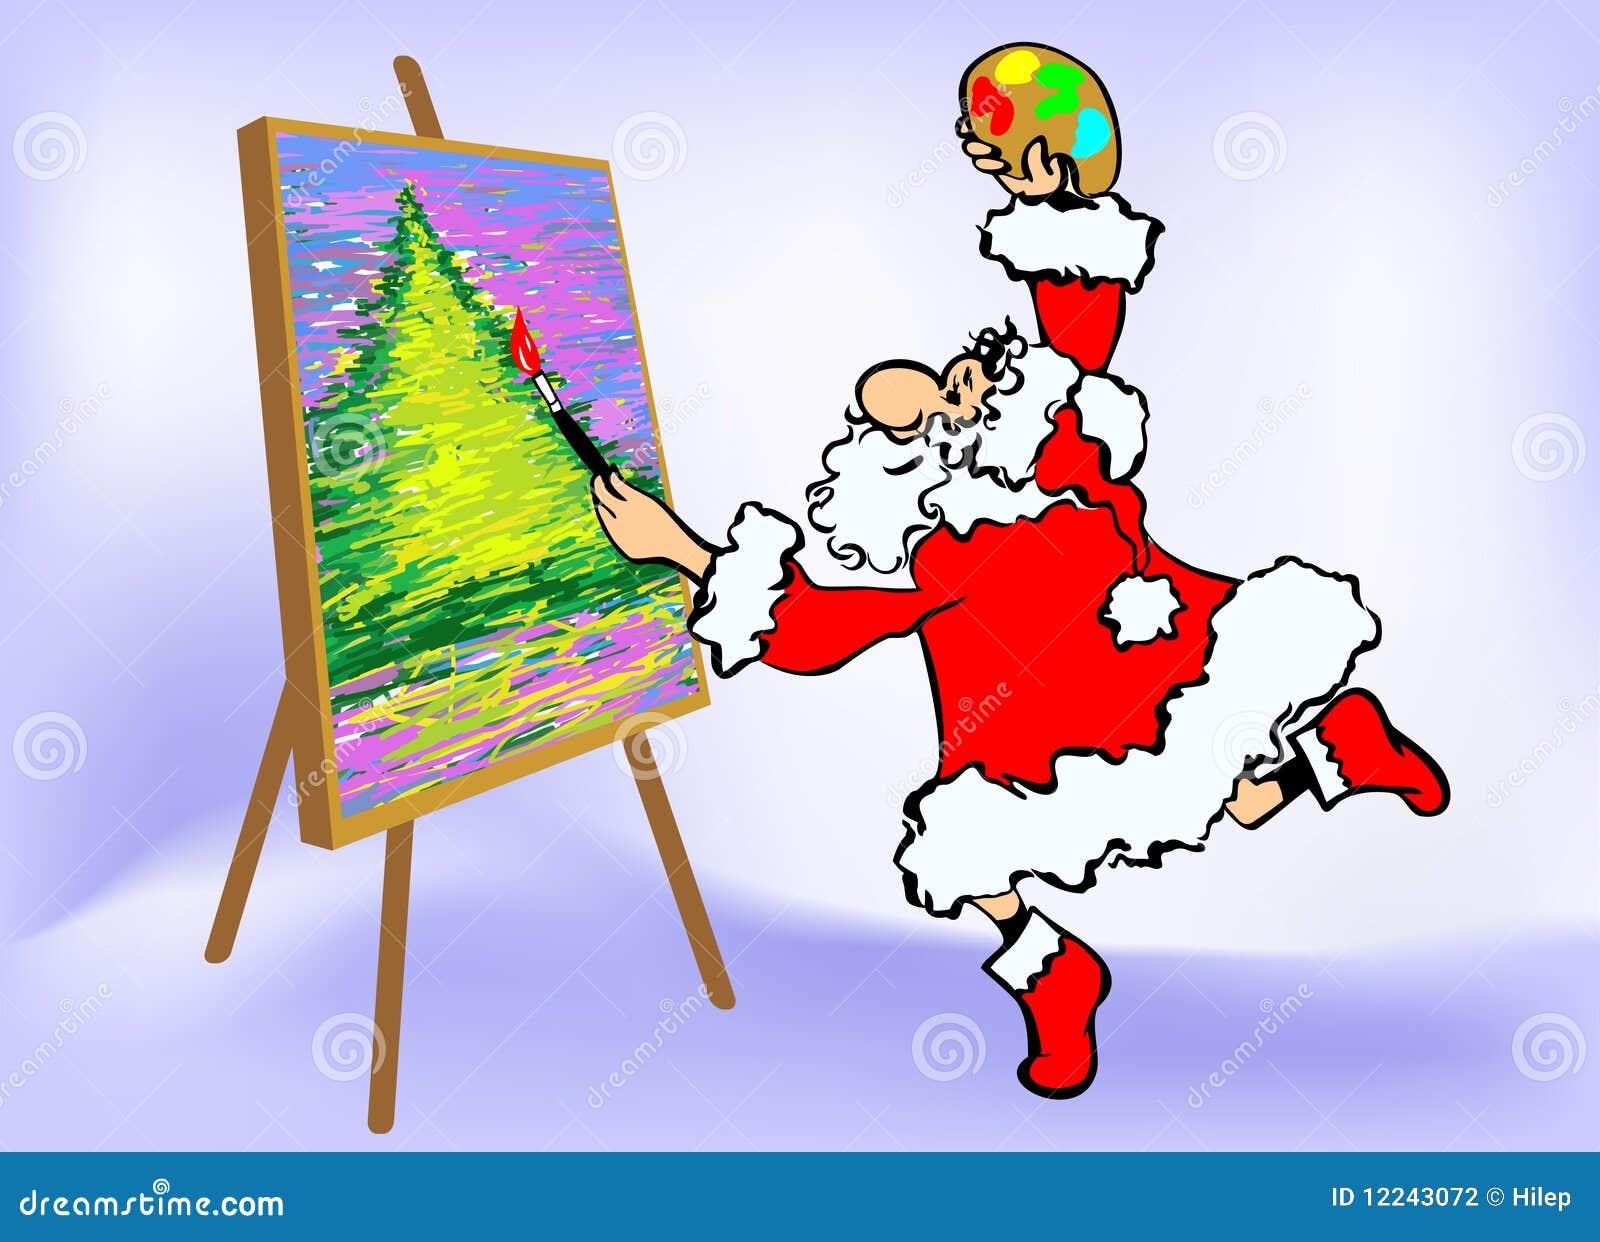 Buon Natale Arte.Cartolina D Auguri Di Buon Natale Artista Della Santa Illustrazione Vettoriale Illustrazione Di Natale Dicembre 12243072